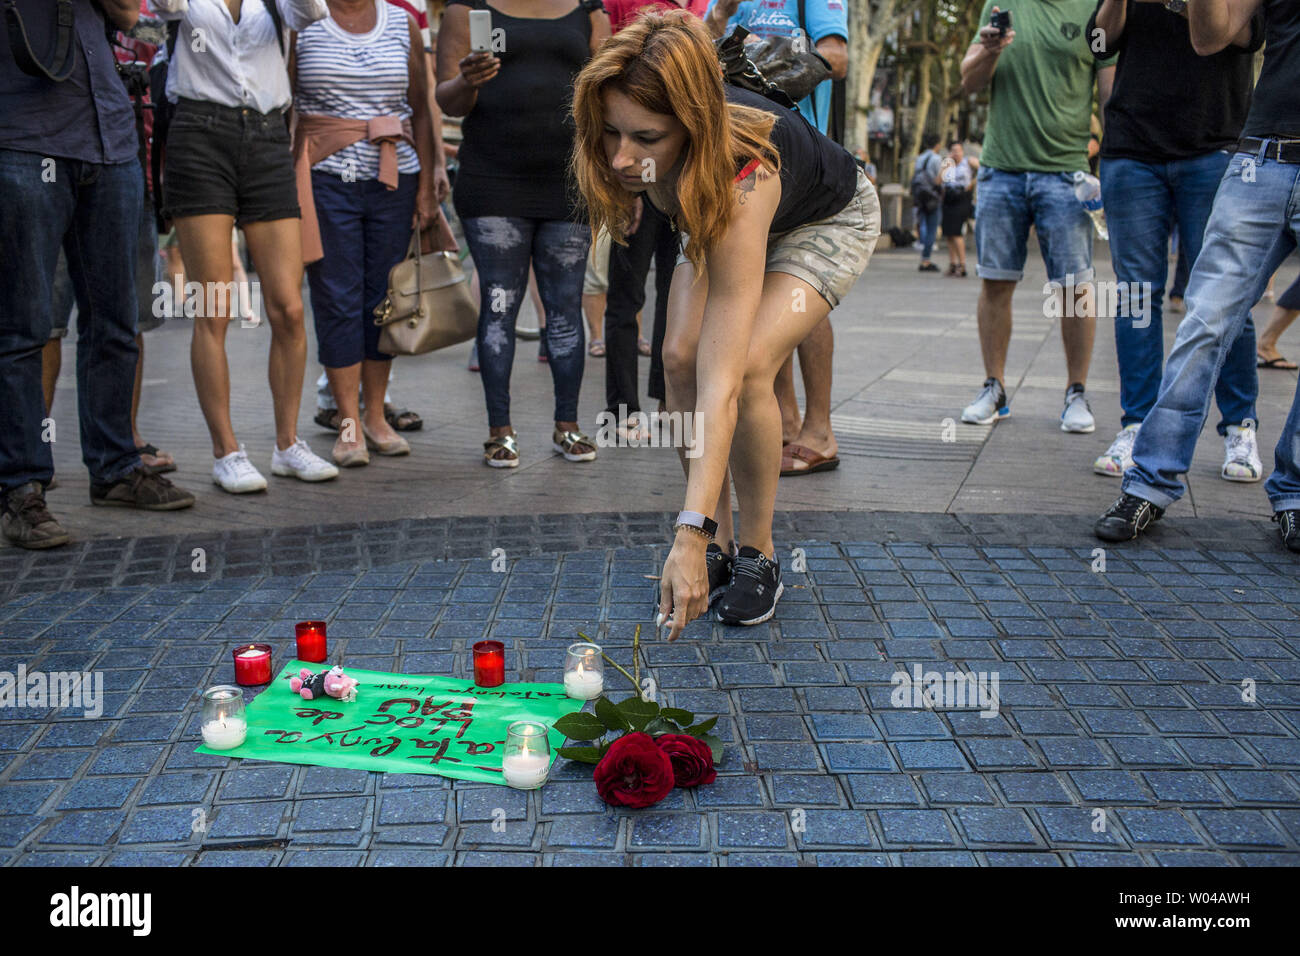 Une femme met des fleurs sur la Rambla pour les victimes de l'attaque de Barcelone le 18 août 2017, un jour après un van dans la foule, tuant 14 personnes et blessant plus de 100 sur la Rambla de Barcelone. Les conducteurs ont labouré le 17 août 2017. photo par Angel Garcia/ UPI Banque D'Images